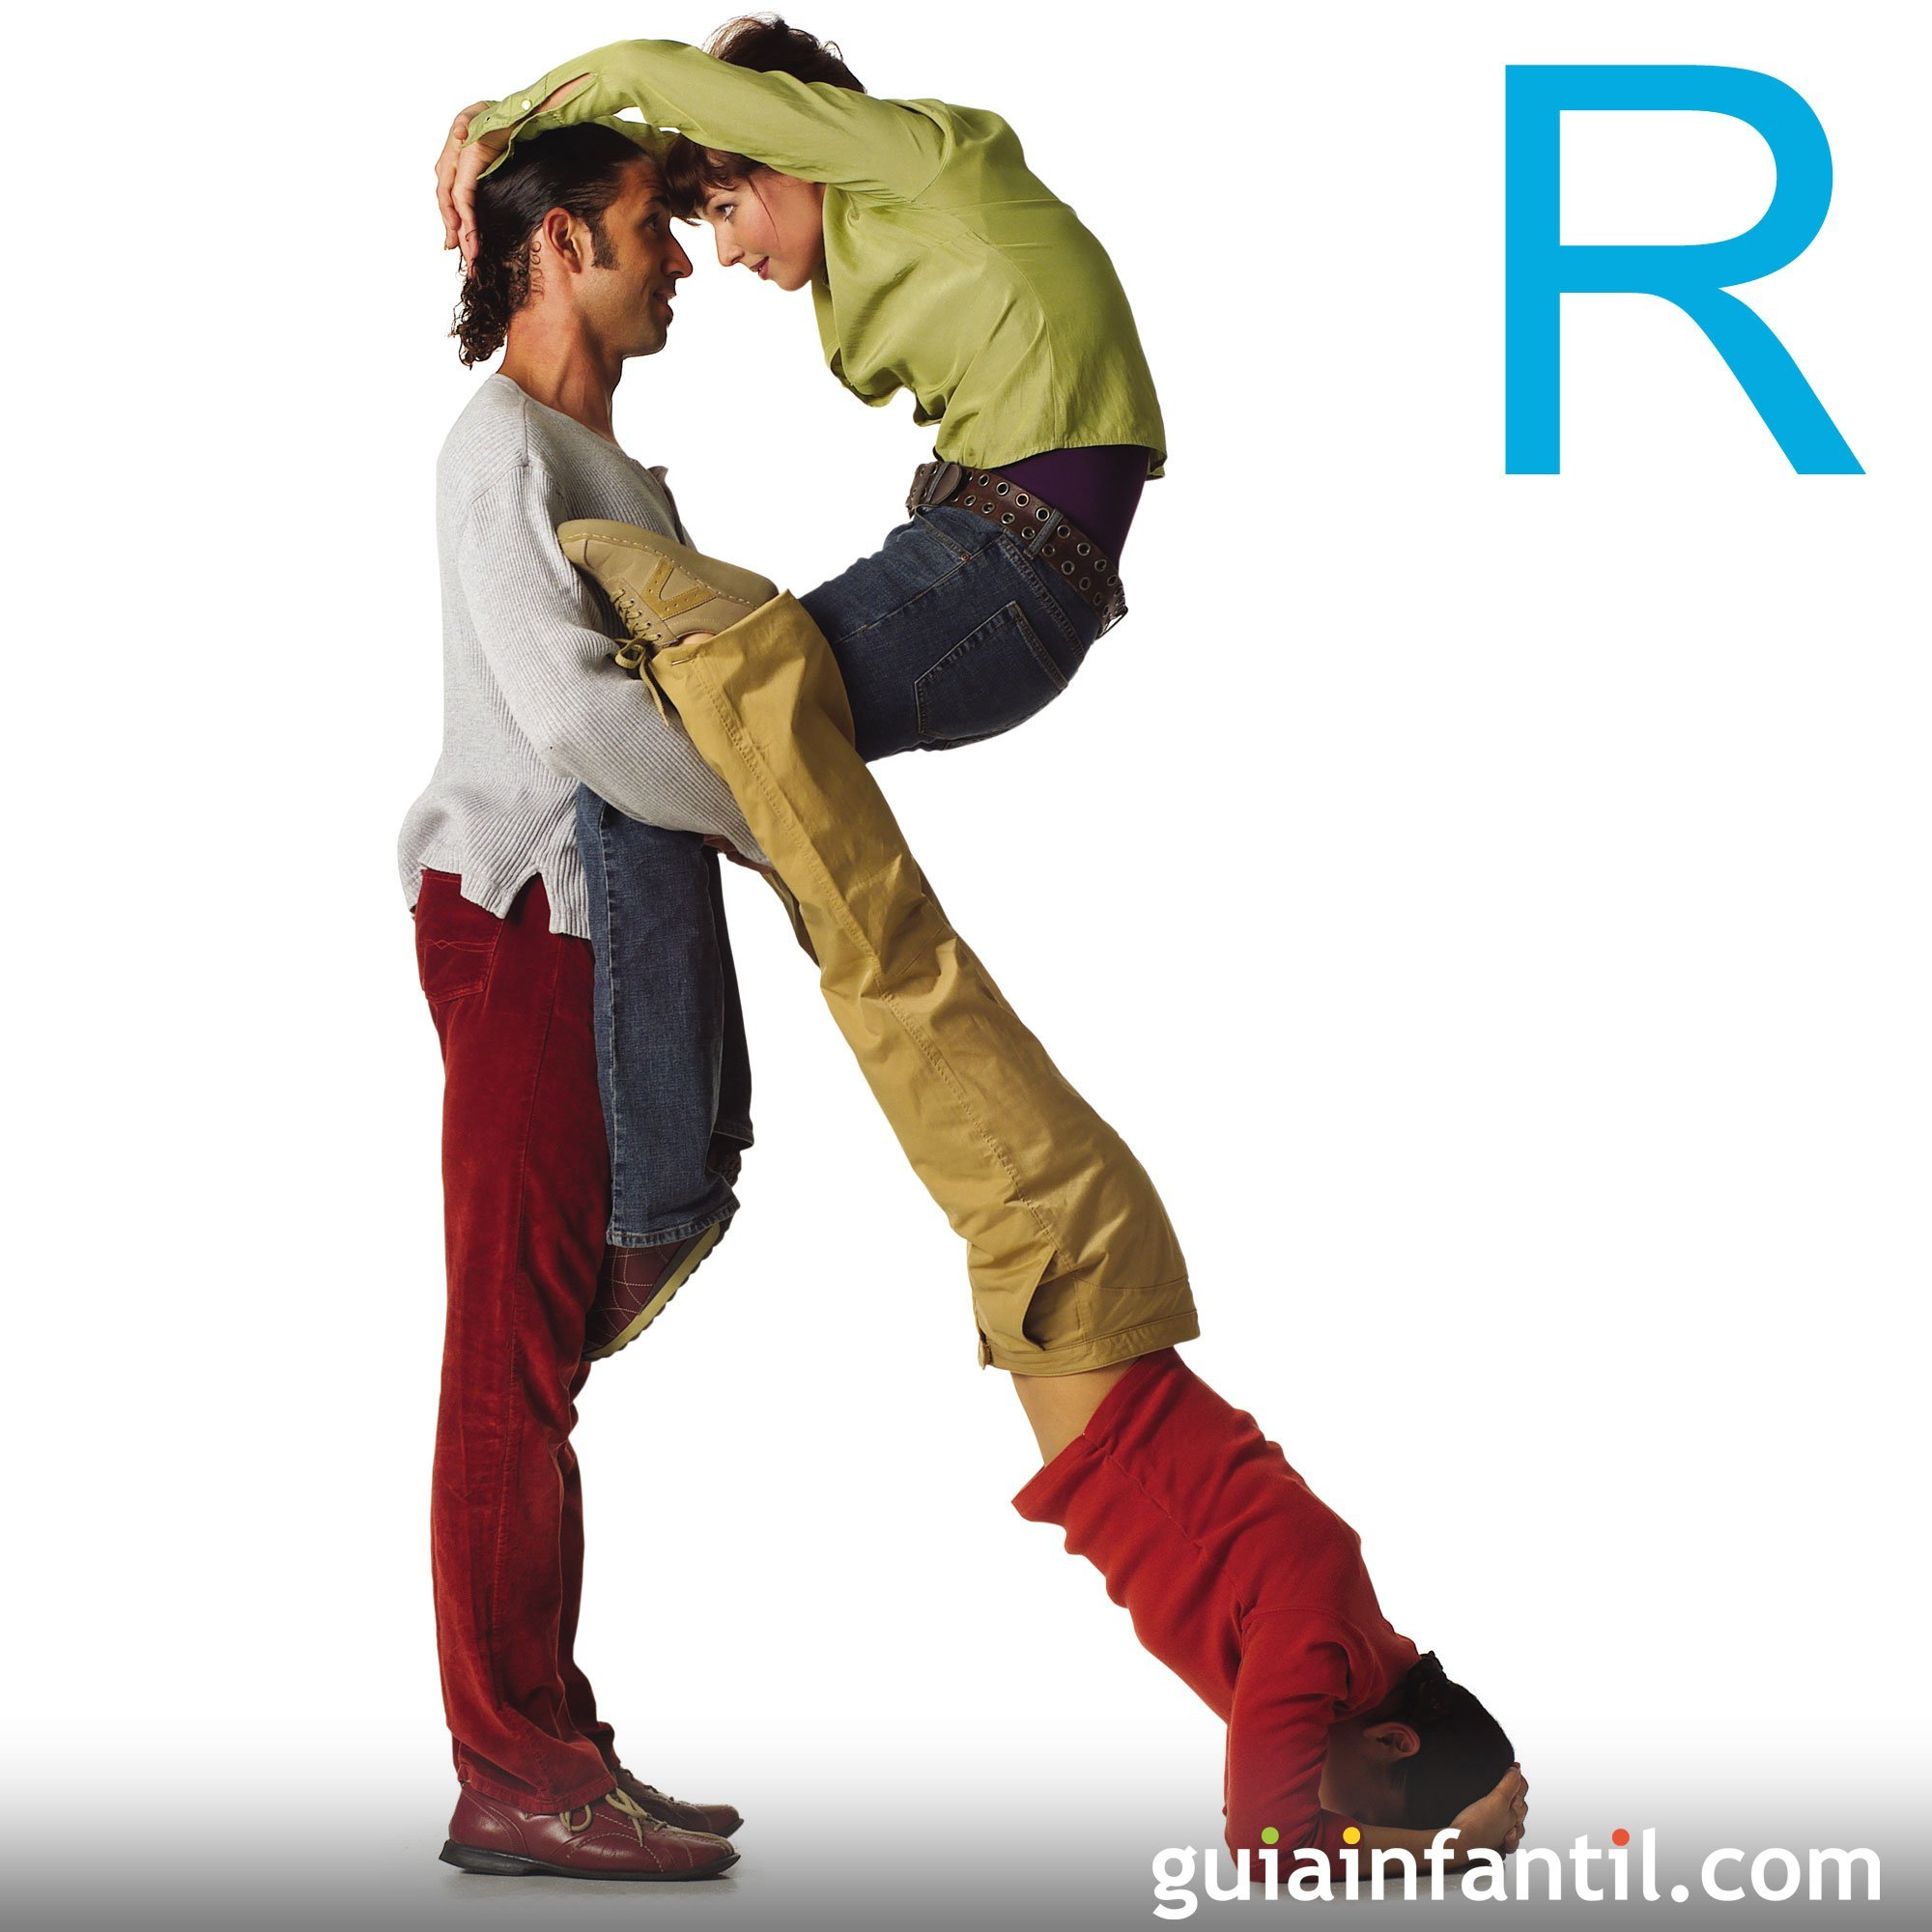 Hacer la letra R con el cuerpo de los niños